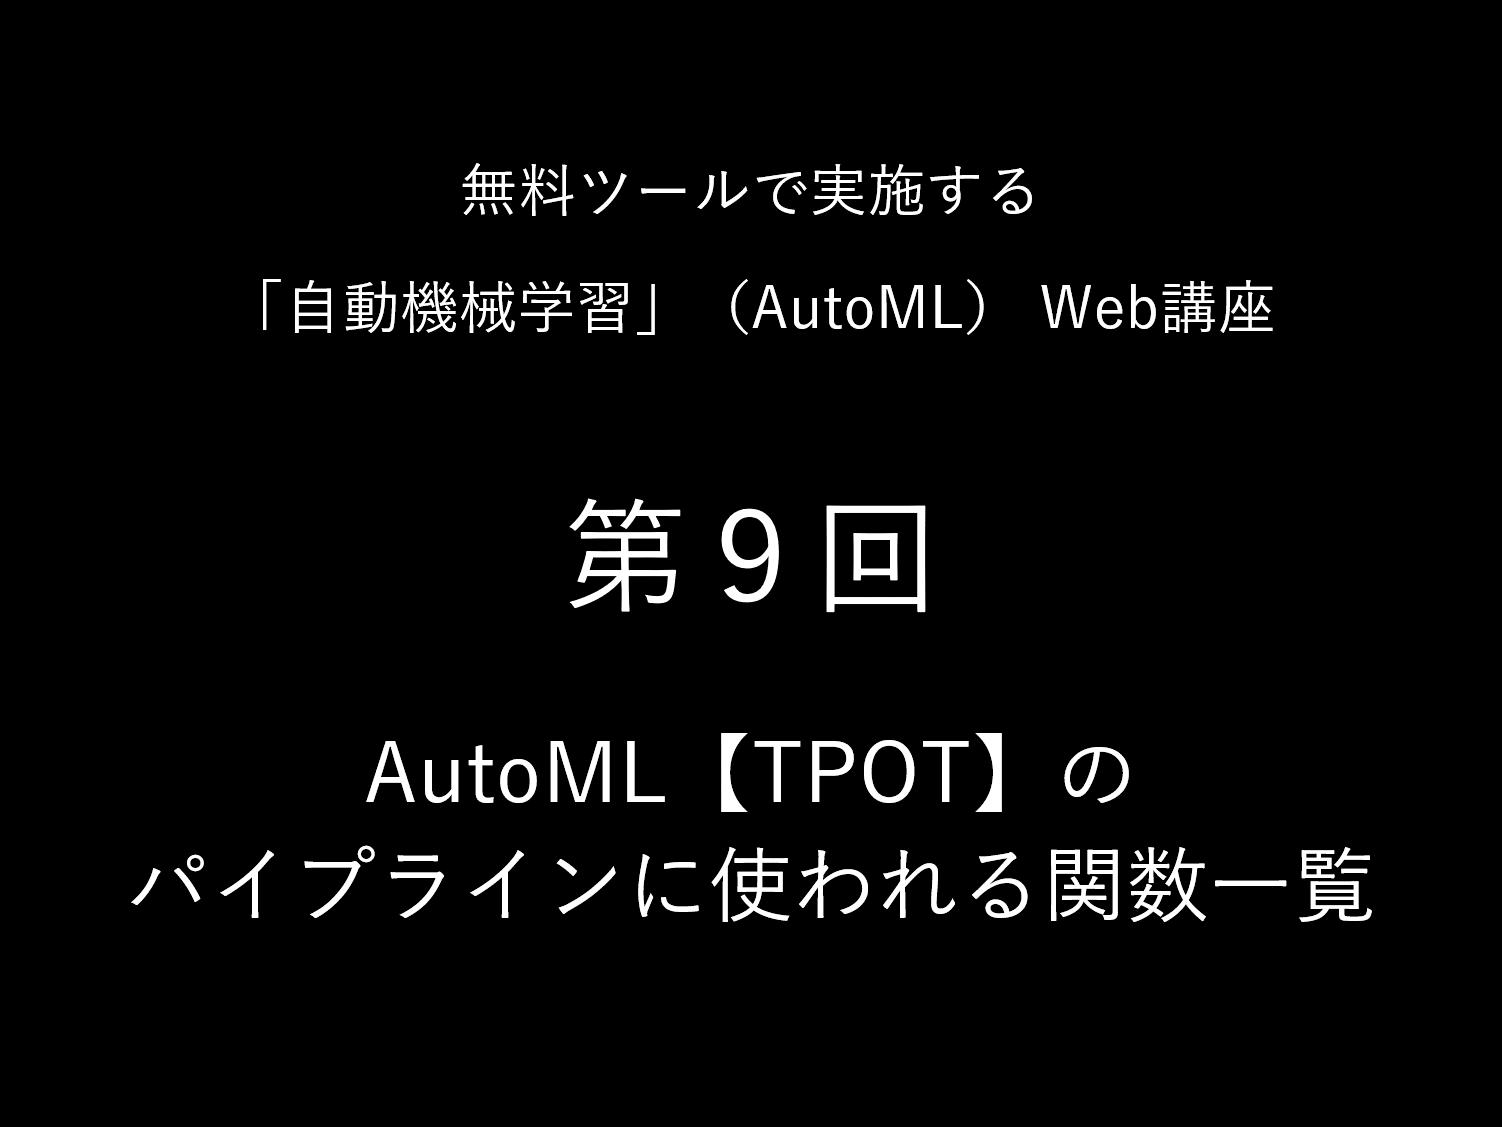 AutoML【TPOT】のパイプラインに使われる関数一覧(2020.11.23時点最新)